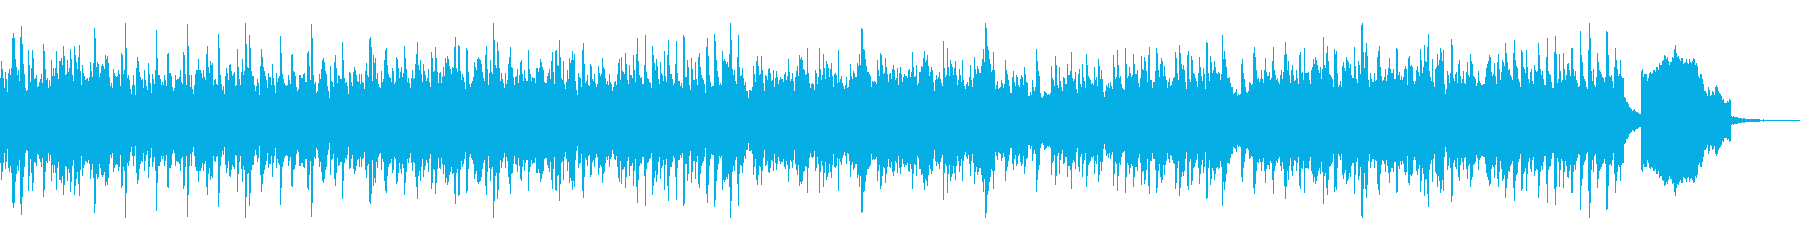 ストリングスピアノの穏やかで壮大なBGMの再生済みの波形